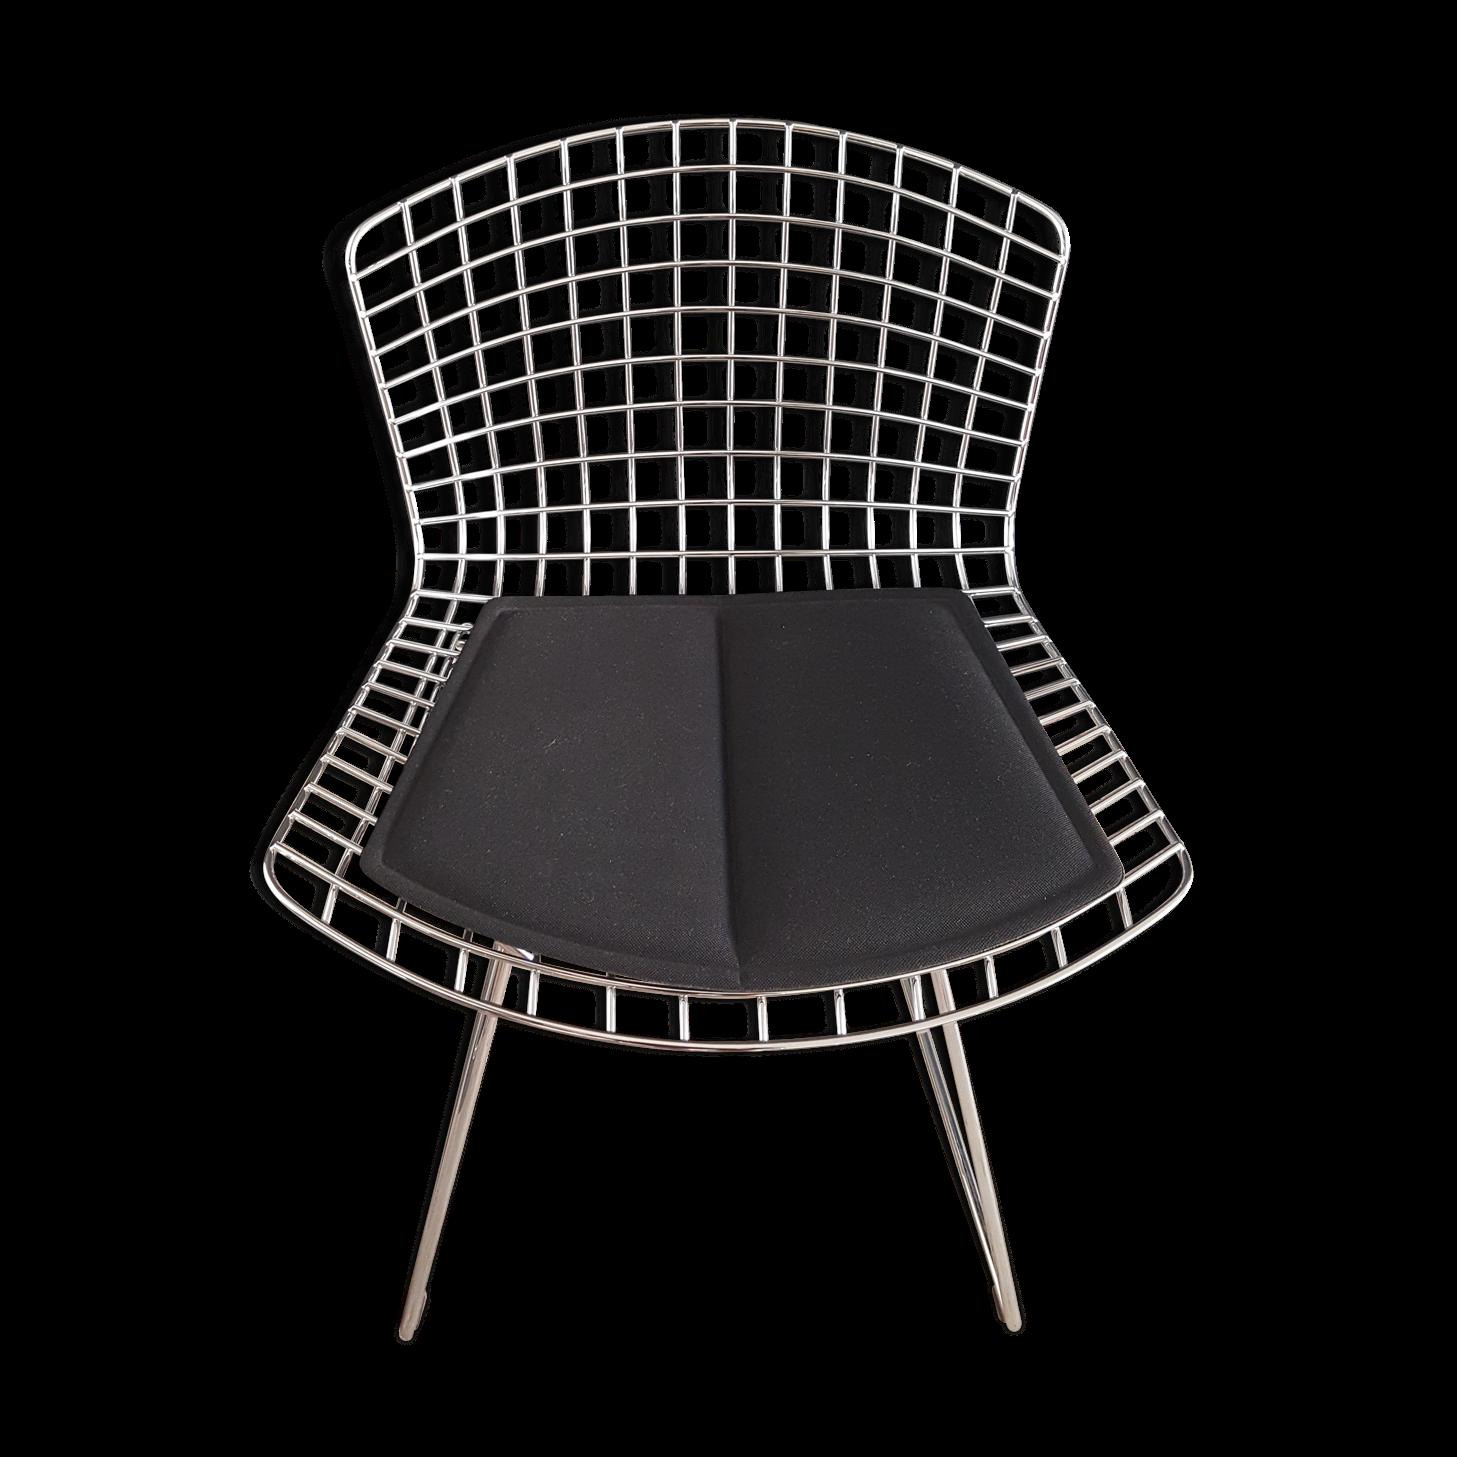 Galette de chaise blanche galette de chaise de jardin pois multicolore pois couleurfond blanc - Galette pour chaise bertoia ...